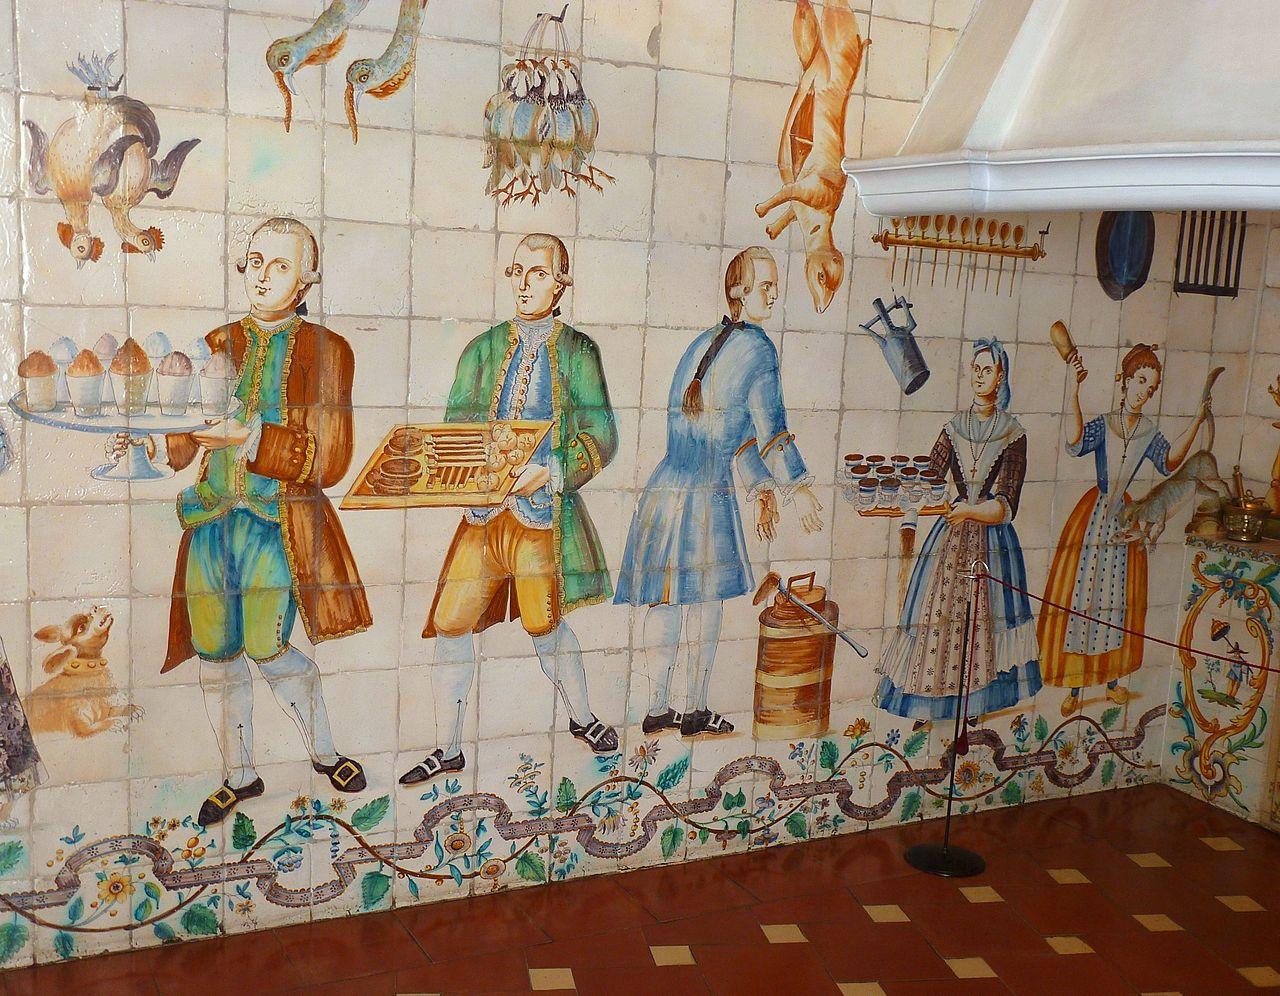 Museos en madrid principales museos para visitar en madrid - Fotos decorativas ...